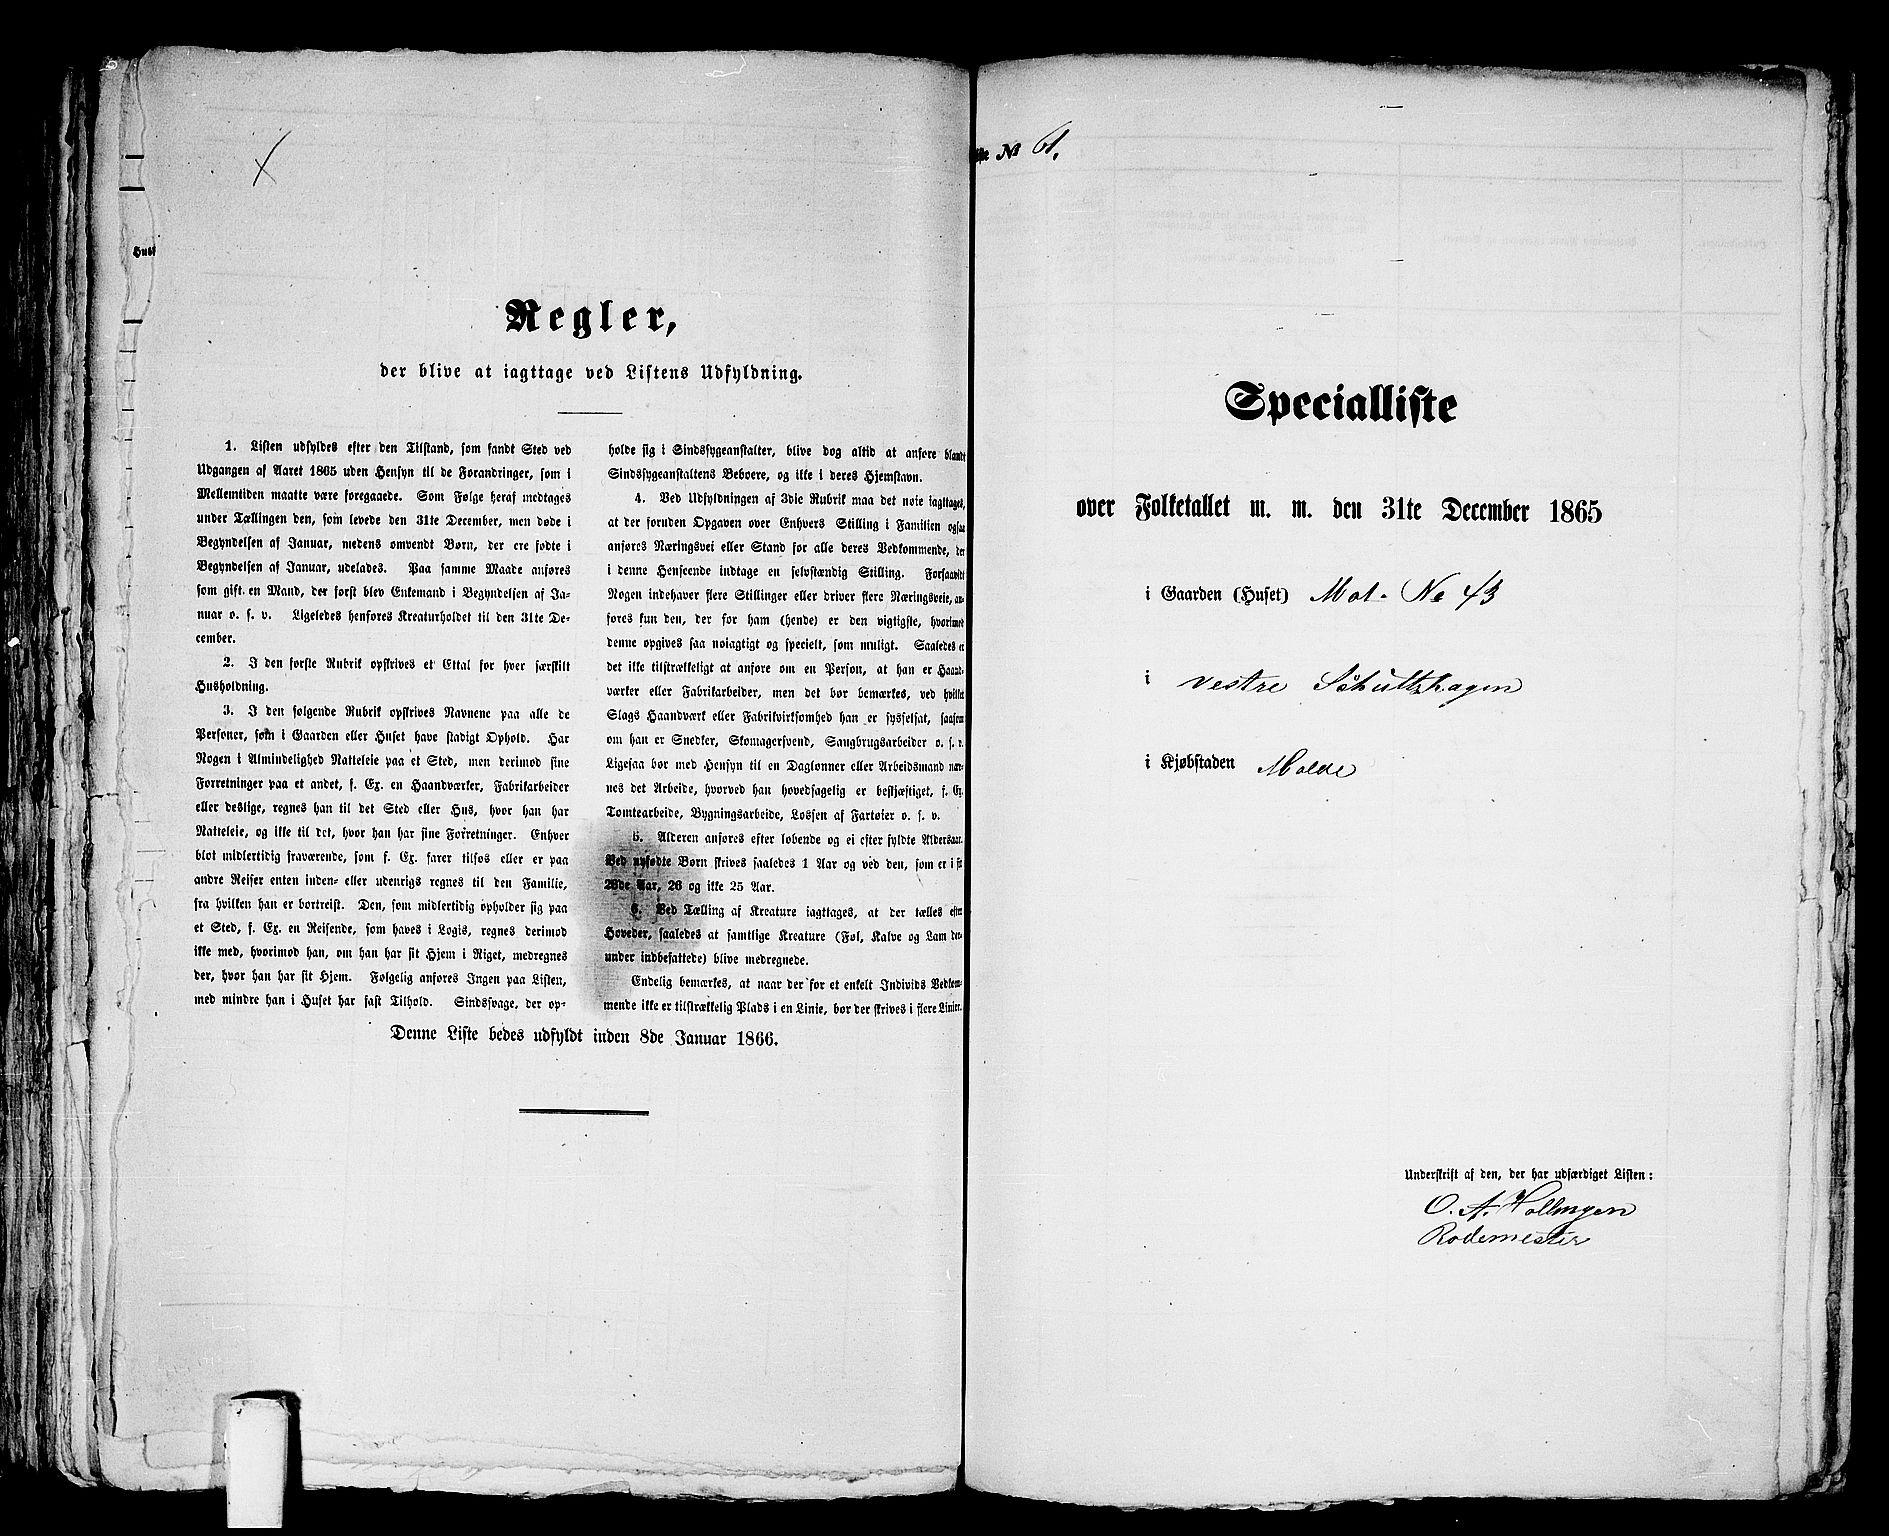 RA, Folketelling 1865 for 1502P Molde prestegjeld, 1865, s. 132